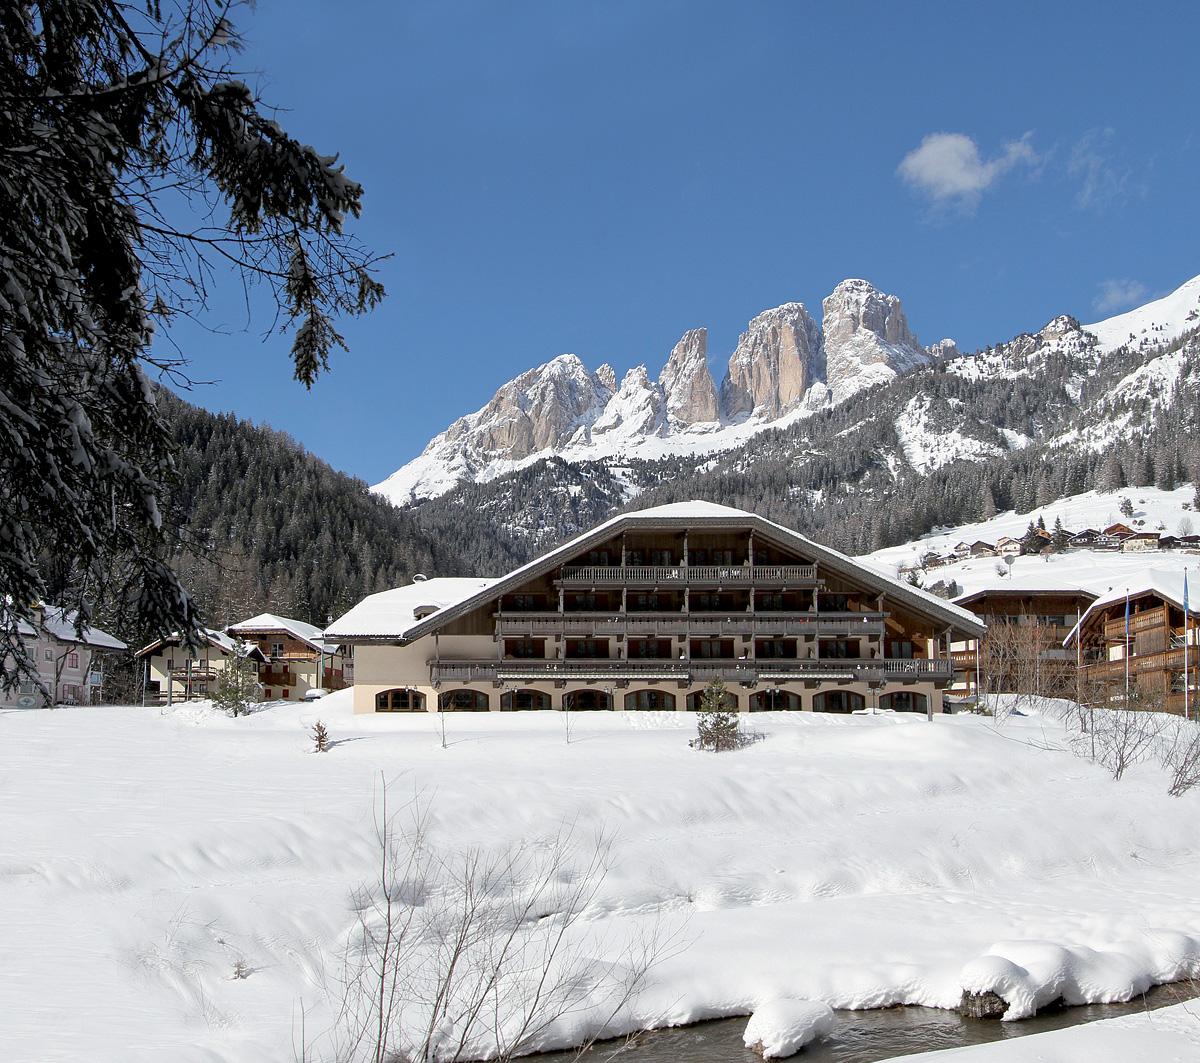 Itálie (Dolomiti Superski) - lyžování - PARK HOTEL & CLUB RUBINO EXECUTIVE